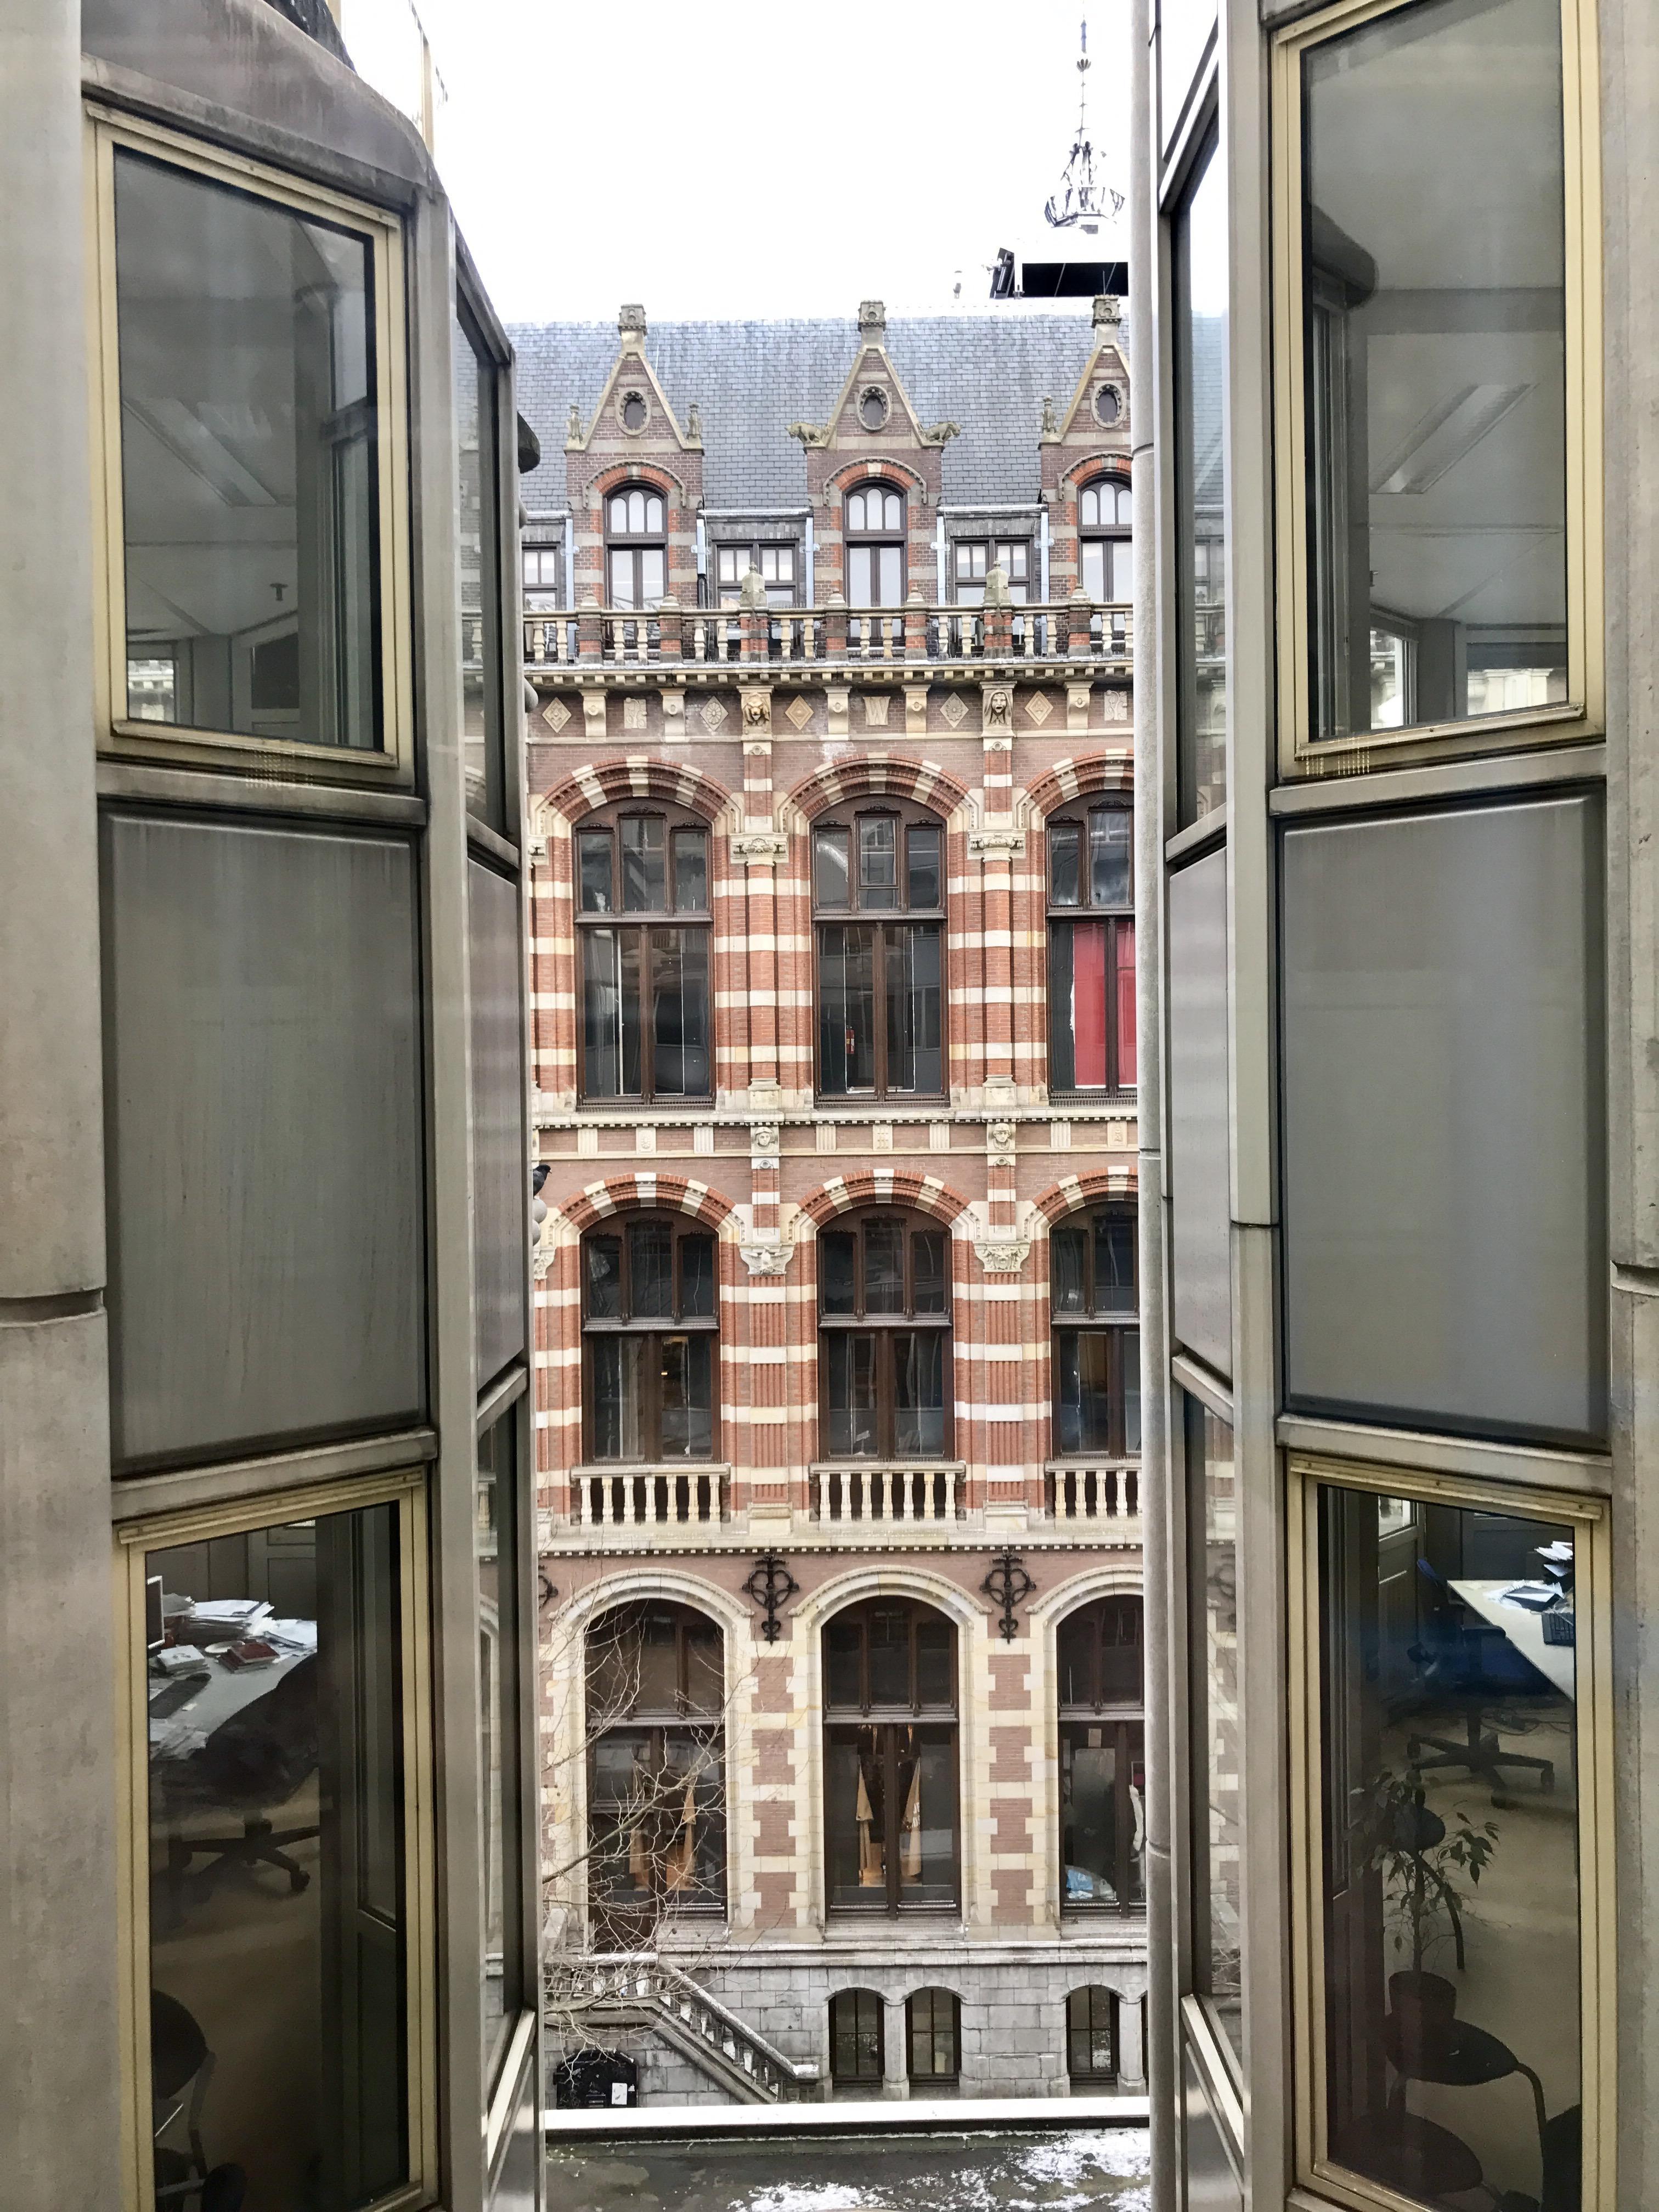 """Utsikten fra universitetskorridoren og over gata til """"Magna Plaza"""", et shoppingsenter i gotisk stil fra slutten av 1800-tallet. Det var visst opprinnelig Amsterdam sitt hovedpostkontor! Kult med byer og steder som tar vare på arkitekturen og det lokale særpreget som har formet stedet oppigjennom tidene. Det er mye av grunnen til at Amsterdam er et attraktivt sted å bo og besøke."""